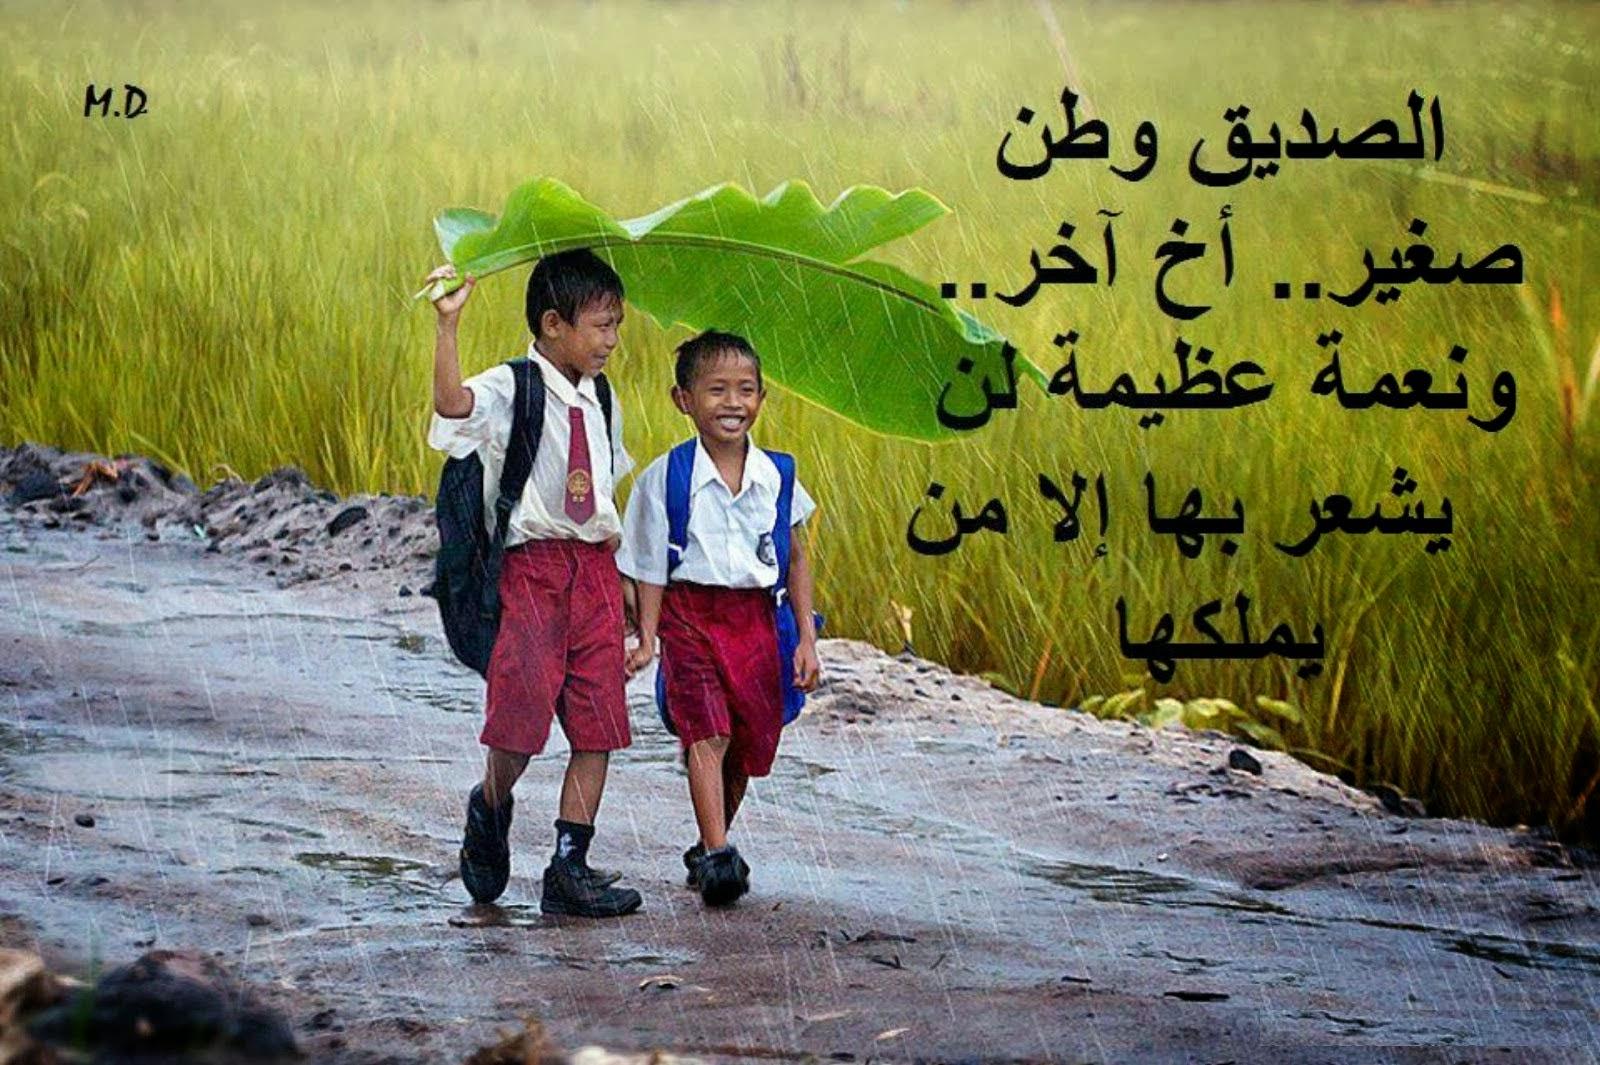 صورة احلى كلام للاصدقاء , نعمة الصديق 5358